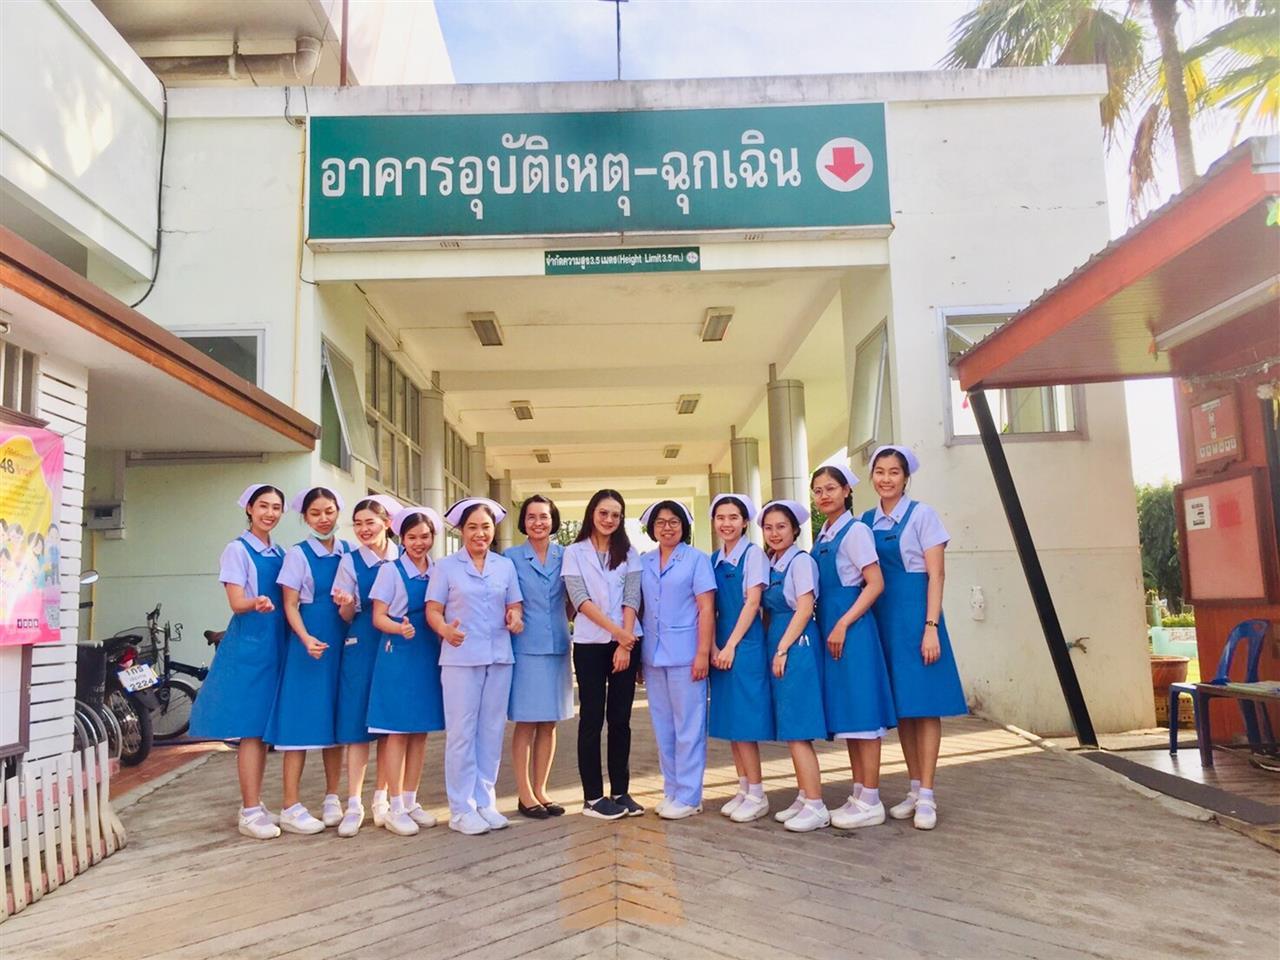 """นิสิตคณะพยาบาลศาสตร์ ชั้นปีที่  4 มหาวิทยาลัยพะเยา ร่วมกับโรงพยาบาลเวียงป่าเป้า จังหวัดเชียงราย Conference case study เรื่อง  """"Parapneumonic Effusion"""""""